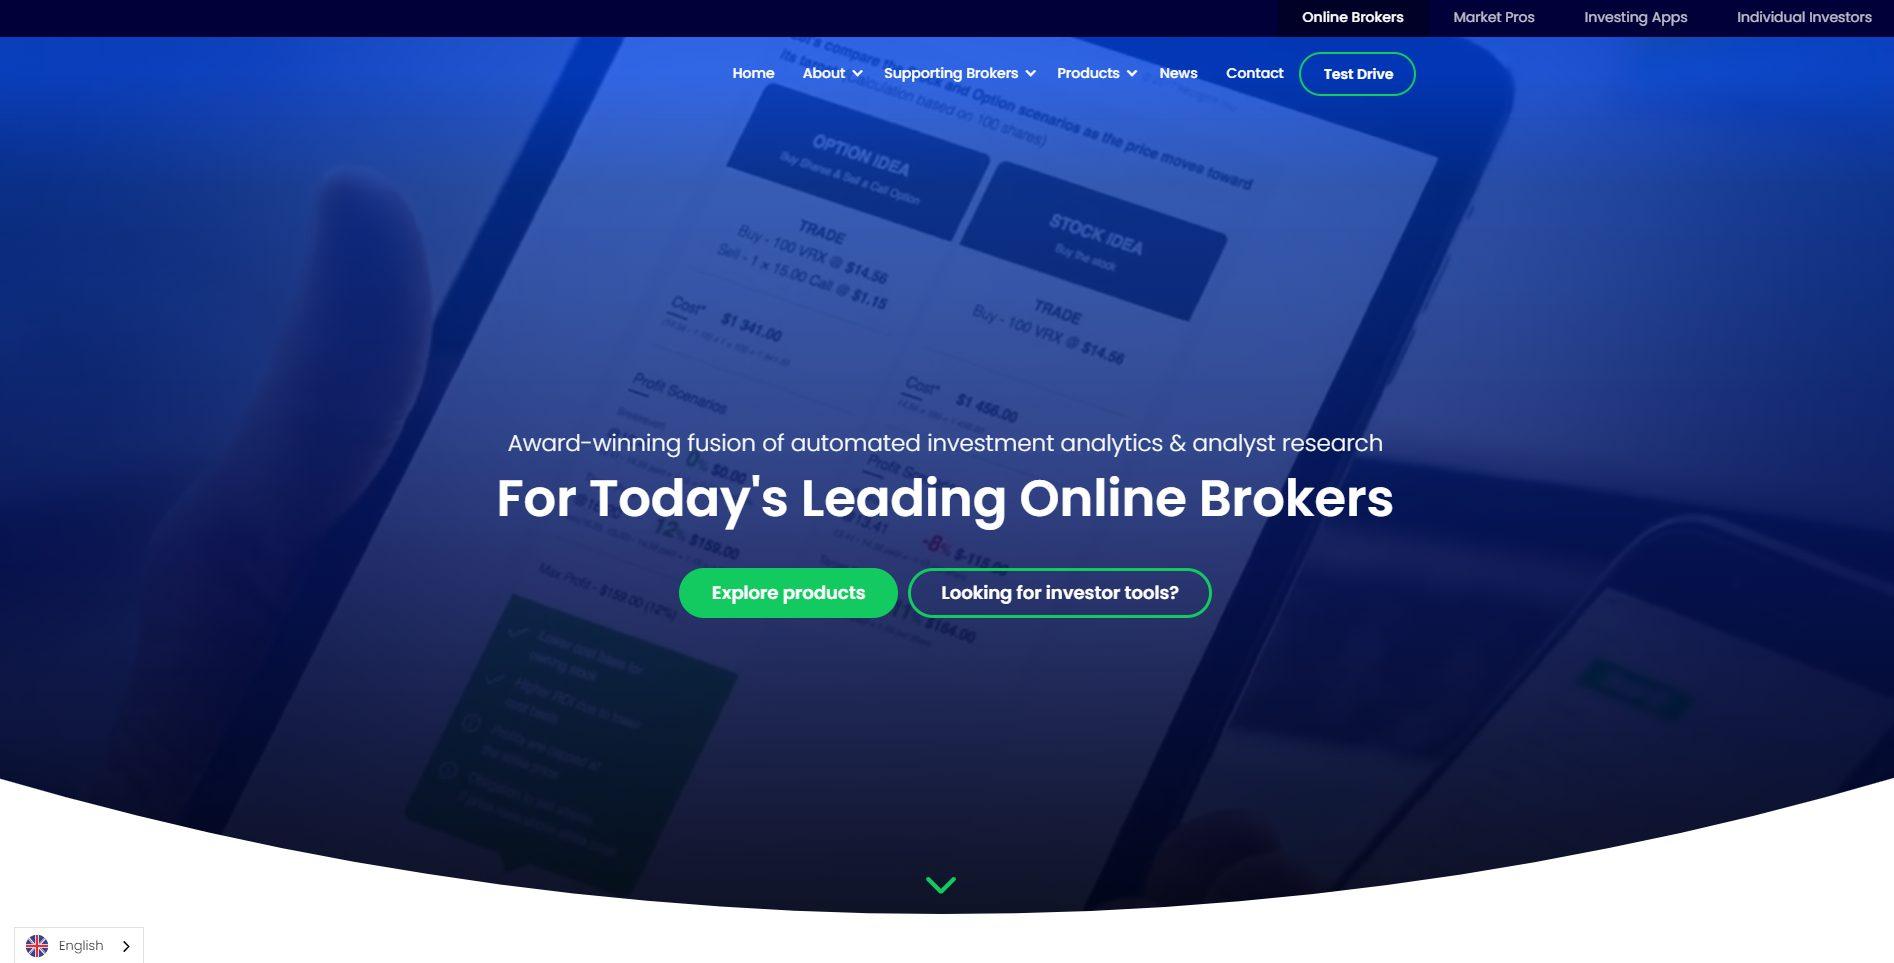 Offizielle Webseite von Trading Central